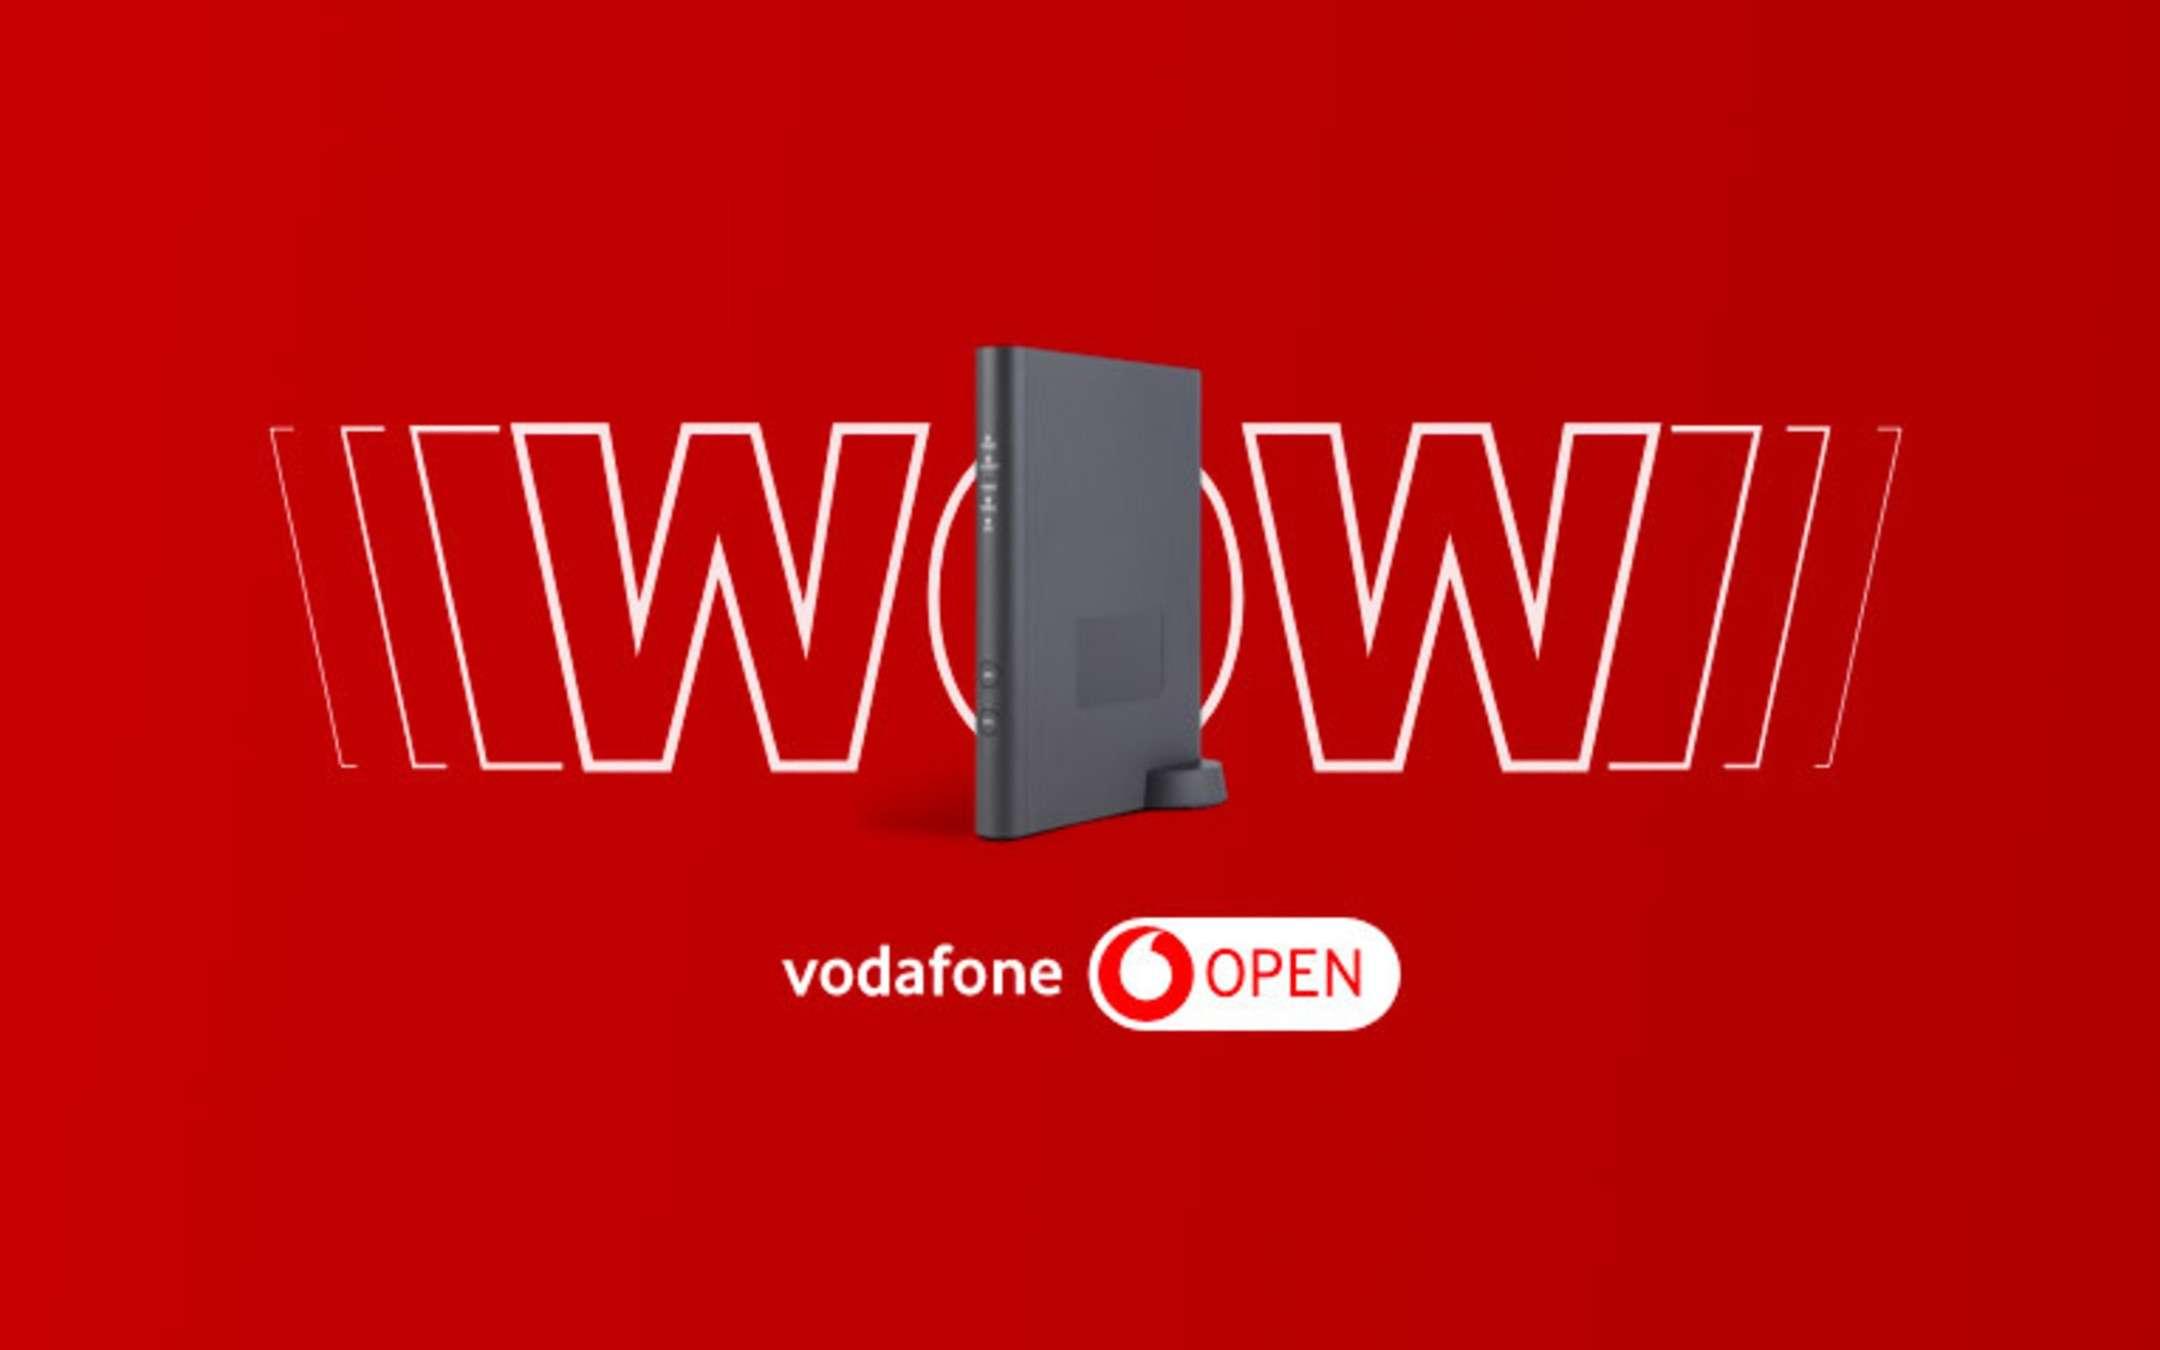 Promo Internet Unlimited: Fibra Vodafone a 24,90€